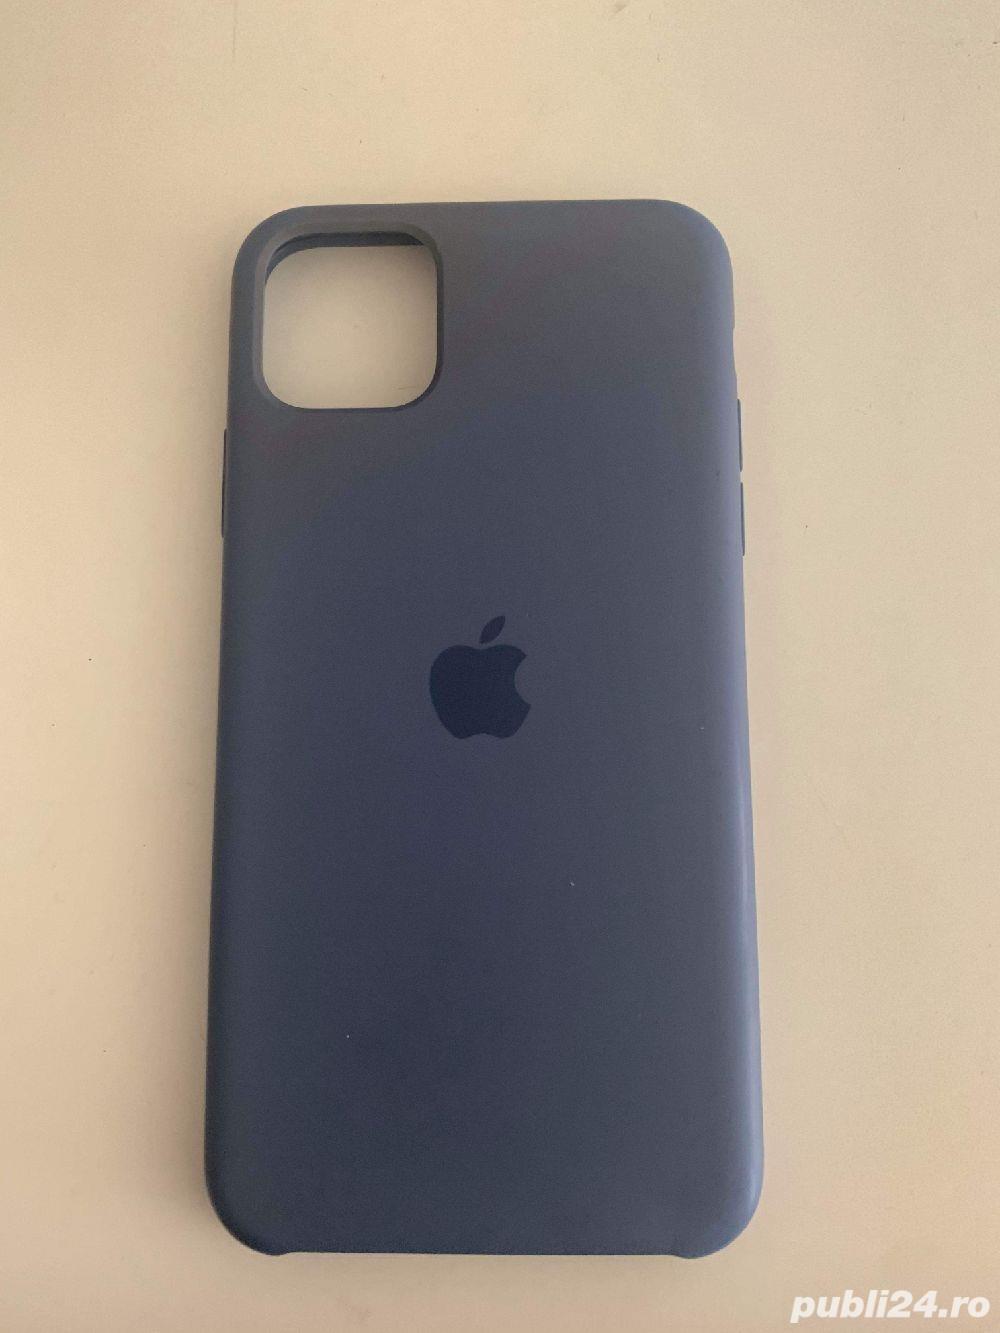 Husa Iphone 11 Pro Max originală